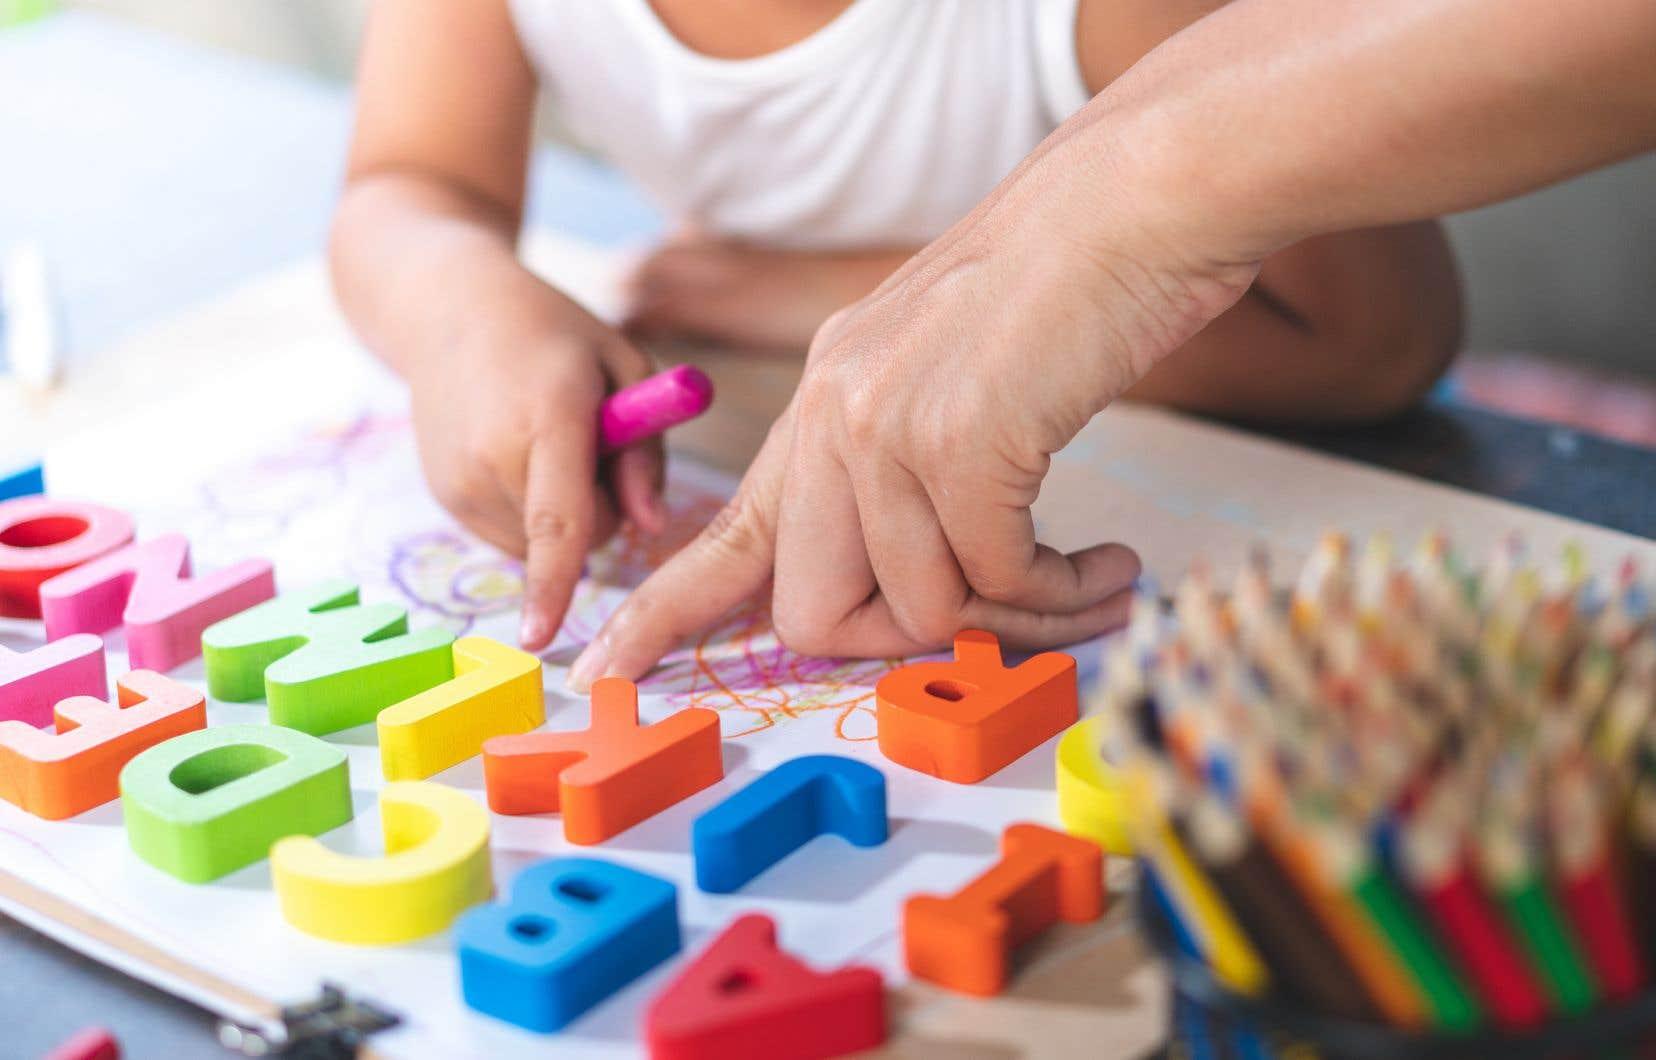 La formation proposée par Québec mise sur des «activités universelles», appliquées uniformément aux tout-petits, comme l'apprentissage des lettres de l'alphabet.